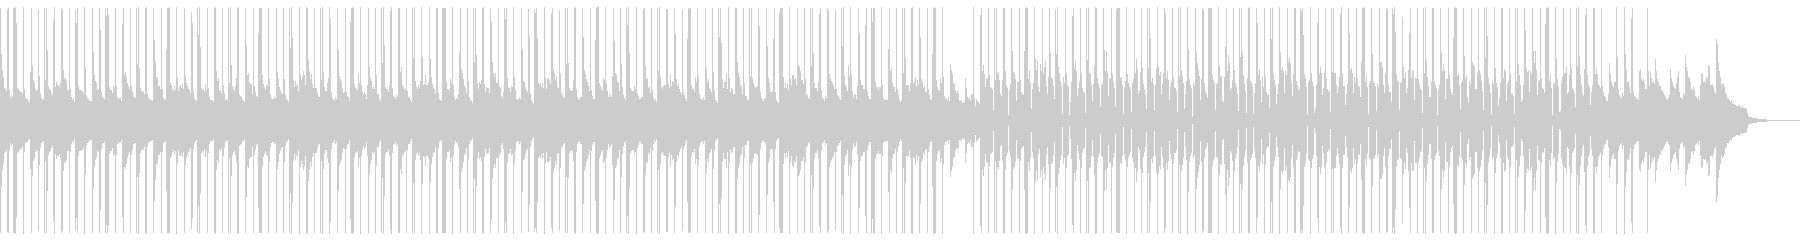 (生音)極上ピアノのJAZZYビートの未再生の波形